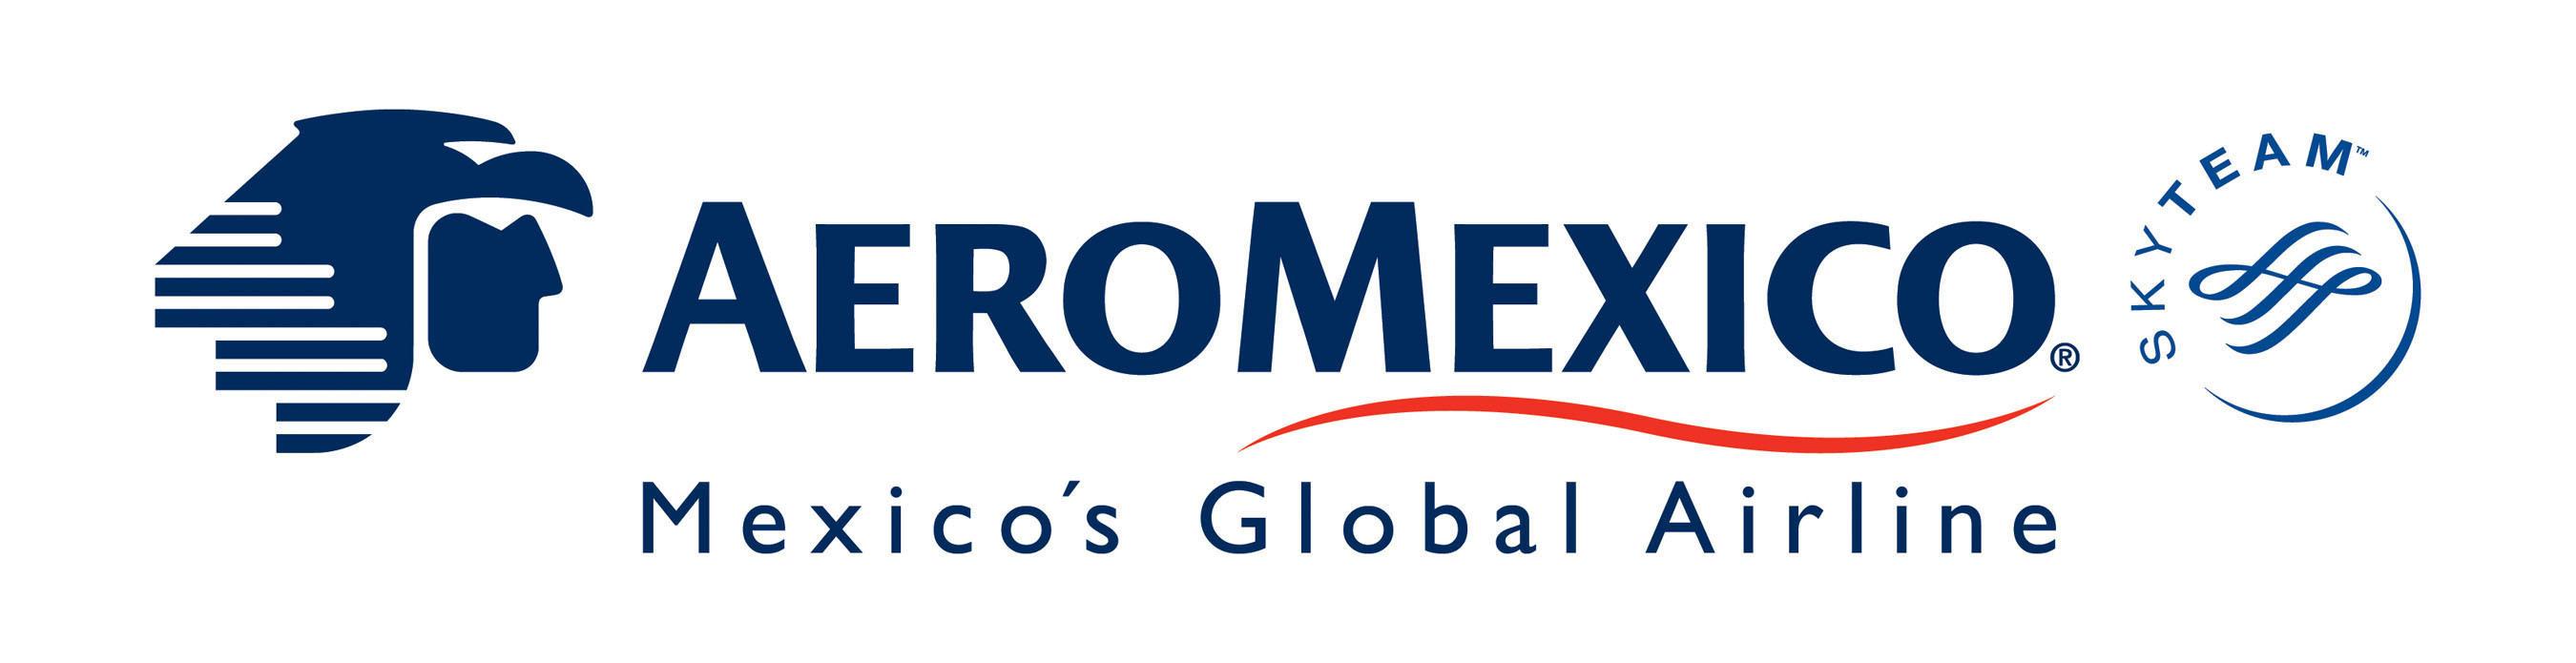 Aeromexico Logo. (Prnewsfoto/aeromexico) - Aeromexico Skyteam, Transparent background PNG HD thumbnail